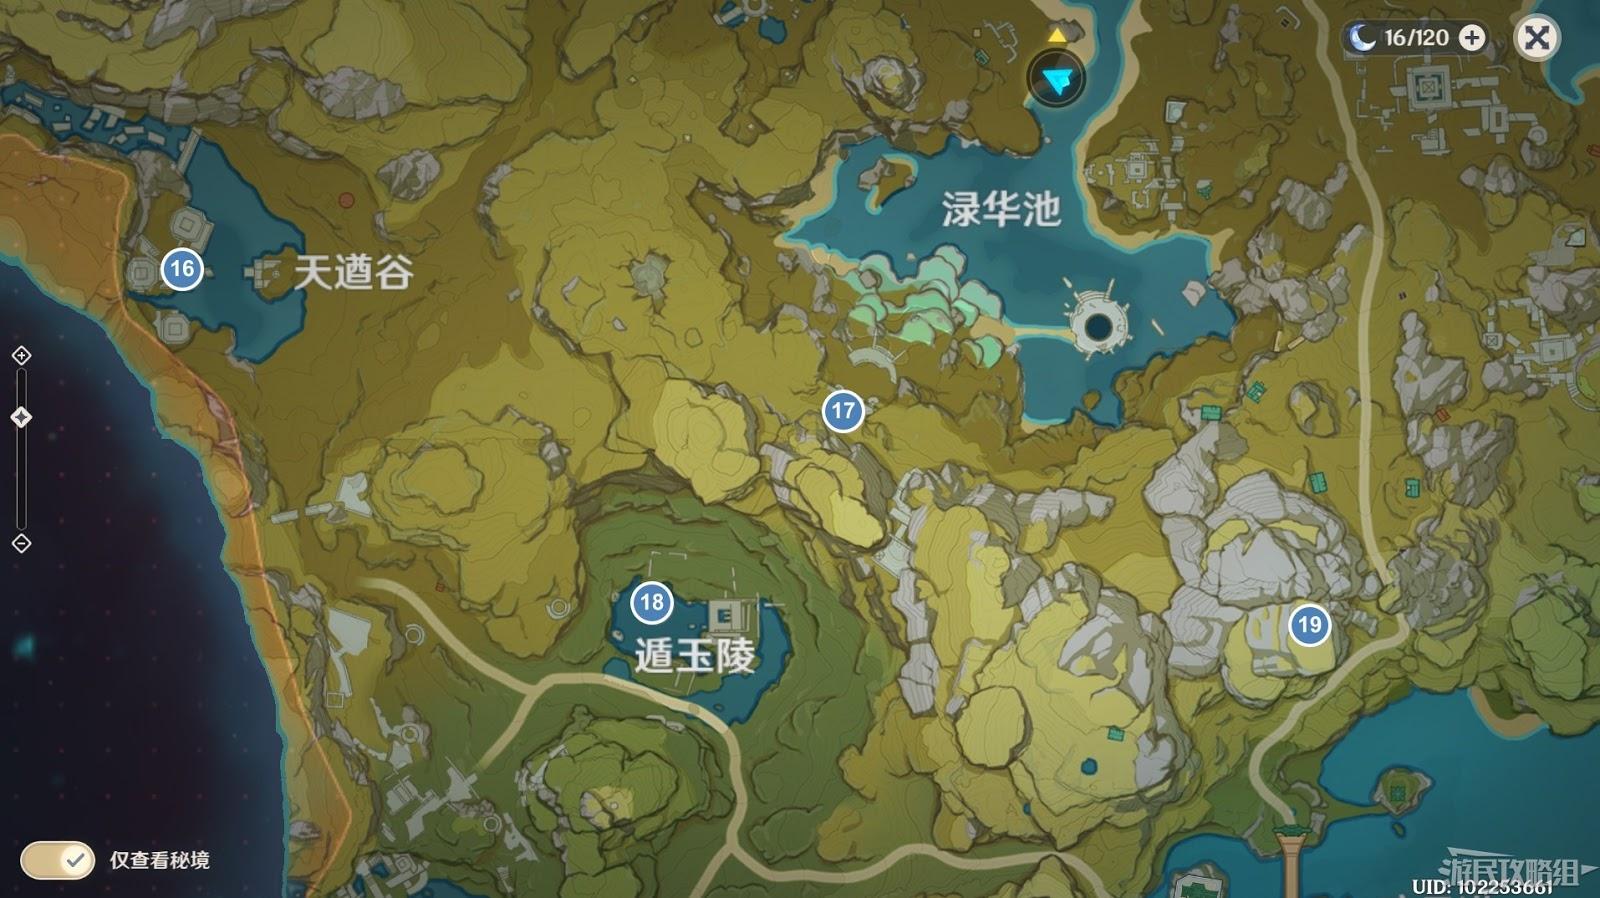 原神 (Genshin Impact) 華麗的寶箱地圖位置標注 | 娛樂計程車